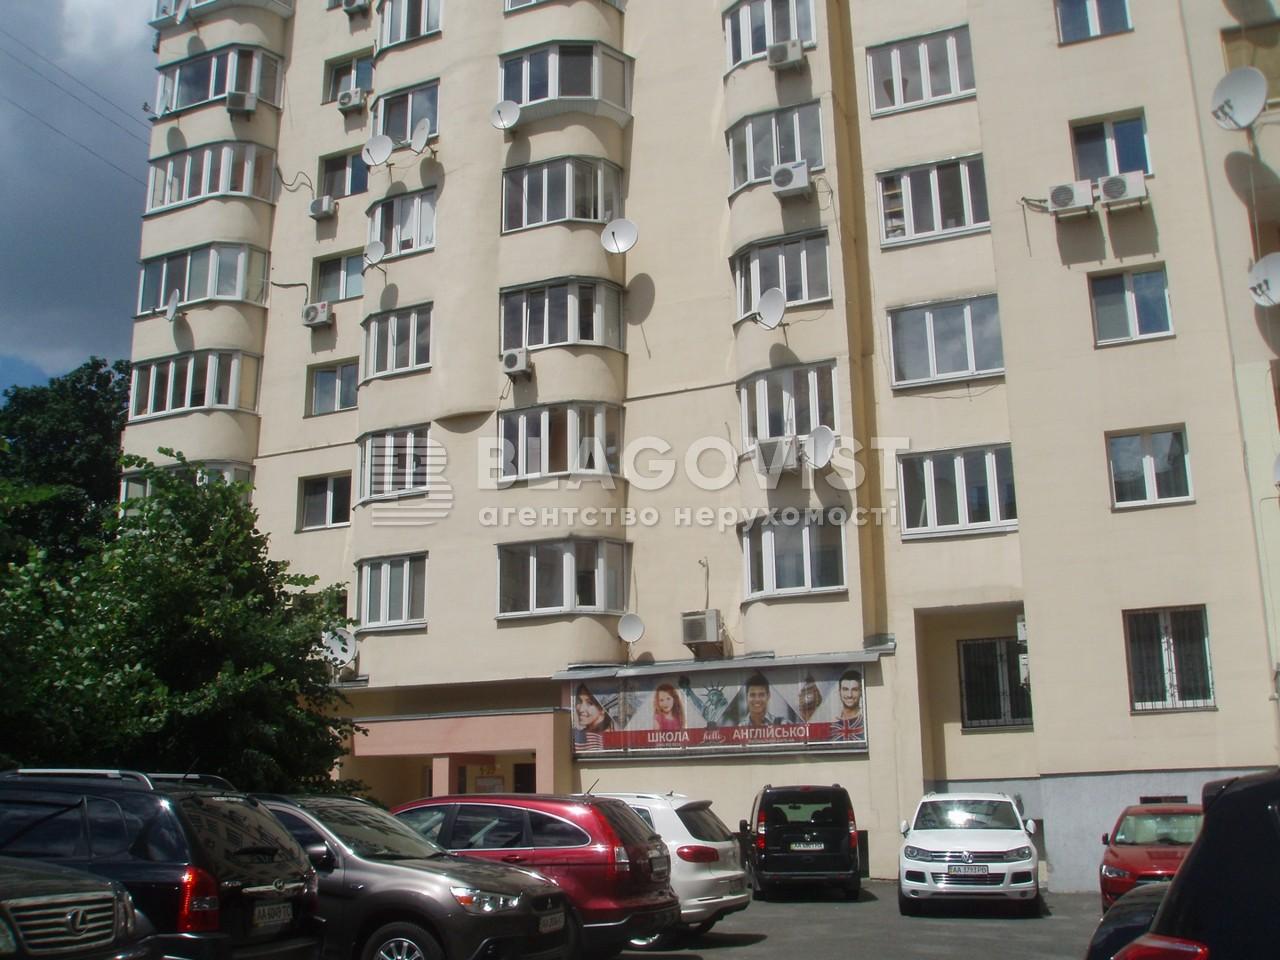 Квартира F-12795, Татарская, 7, Киев - Фото 3